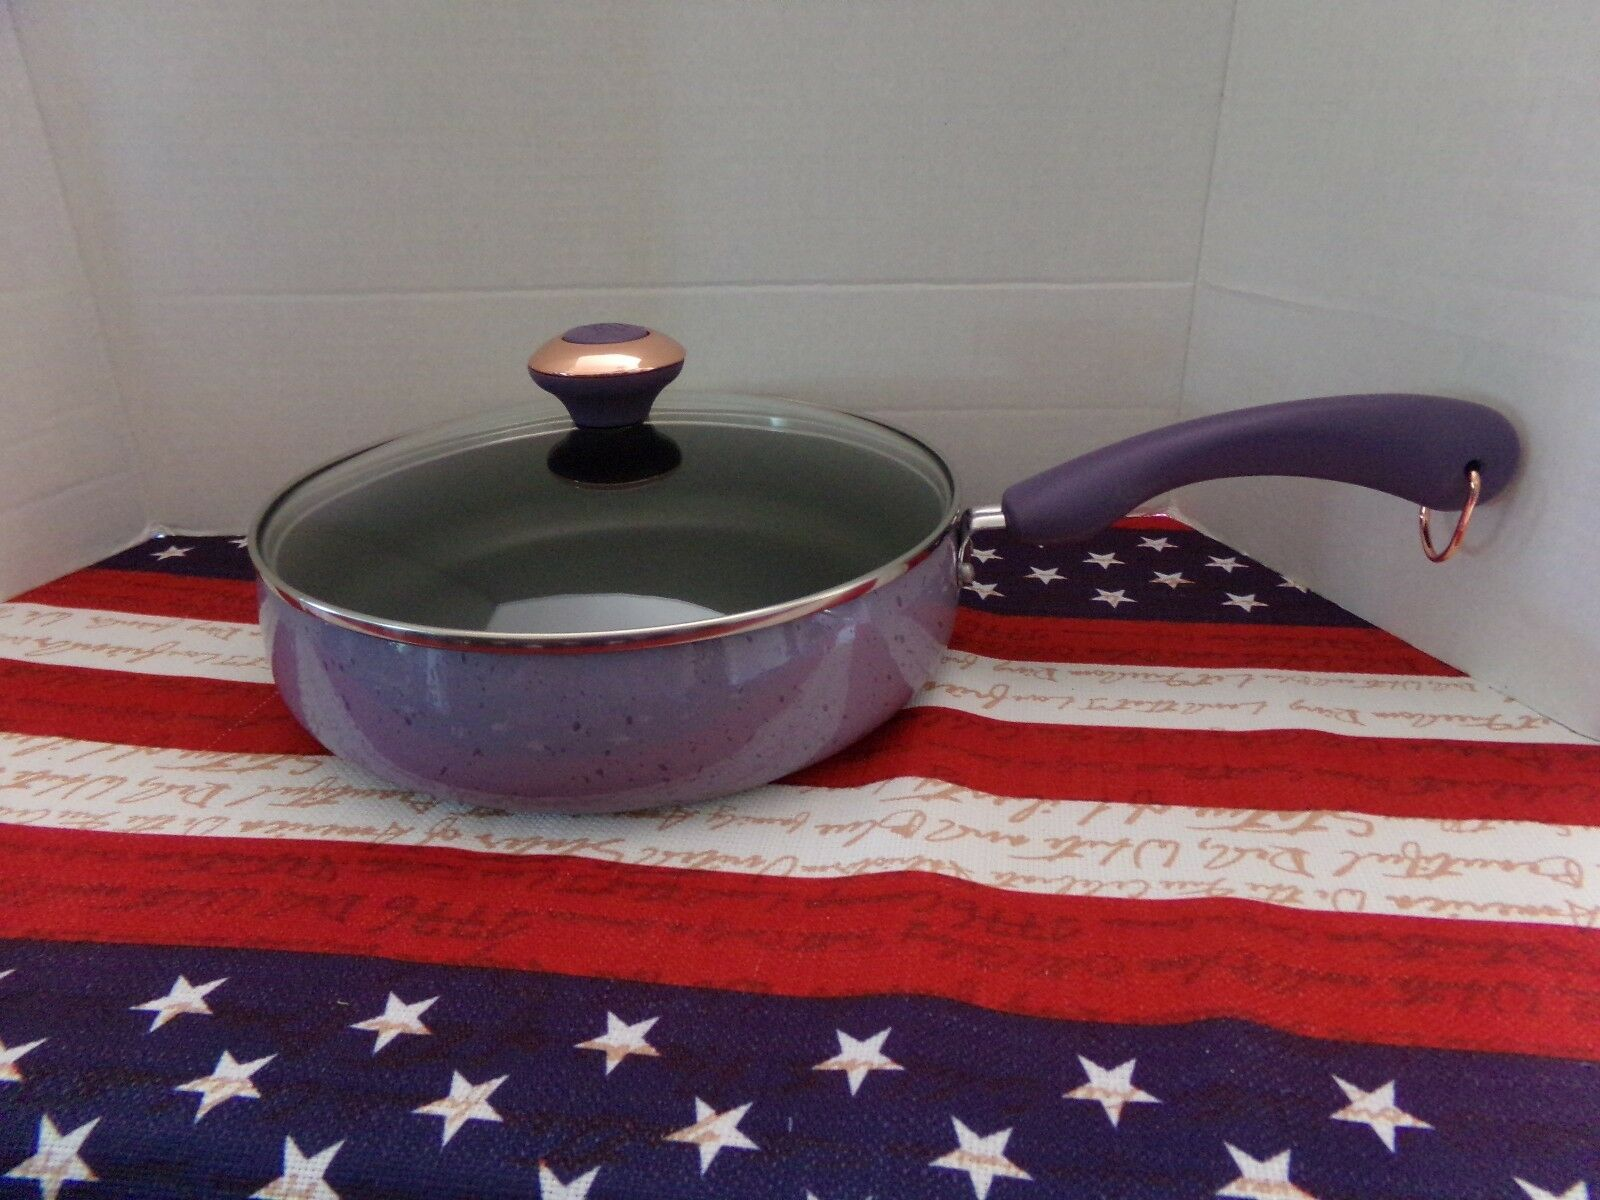 Paula Deen® Signature 15-pc. Lavender Speckle Porcelain